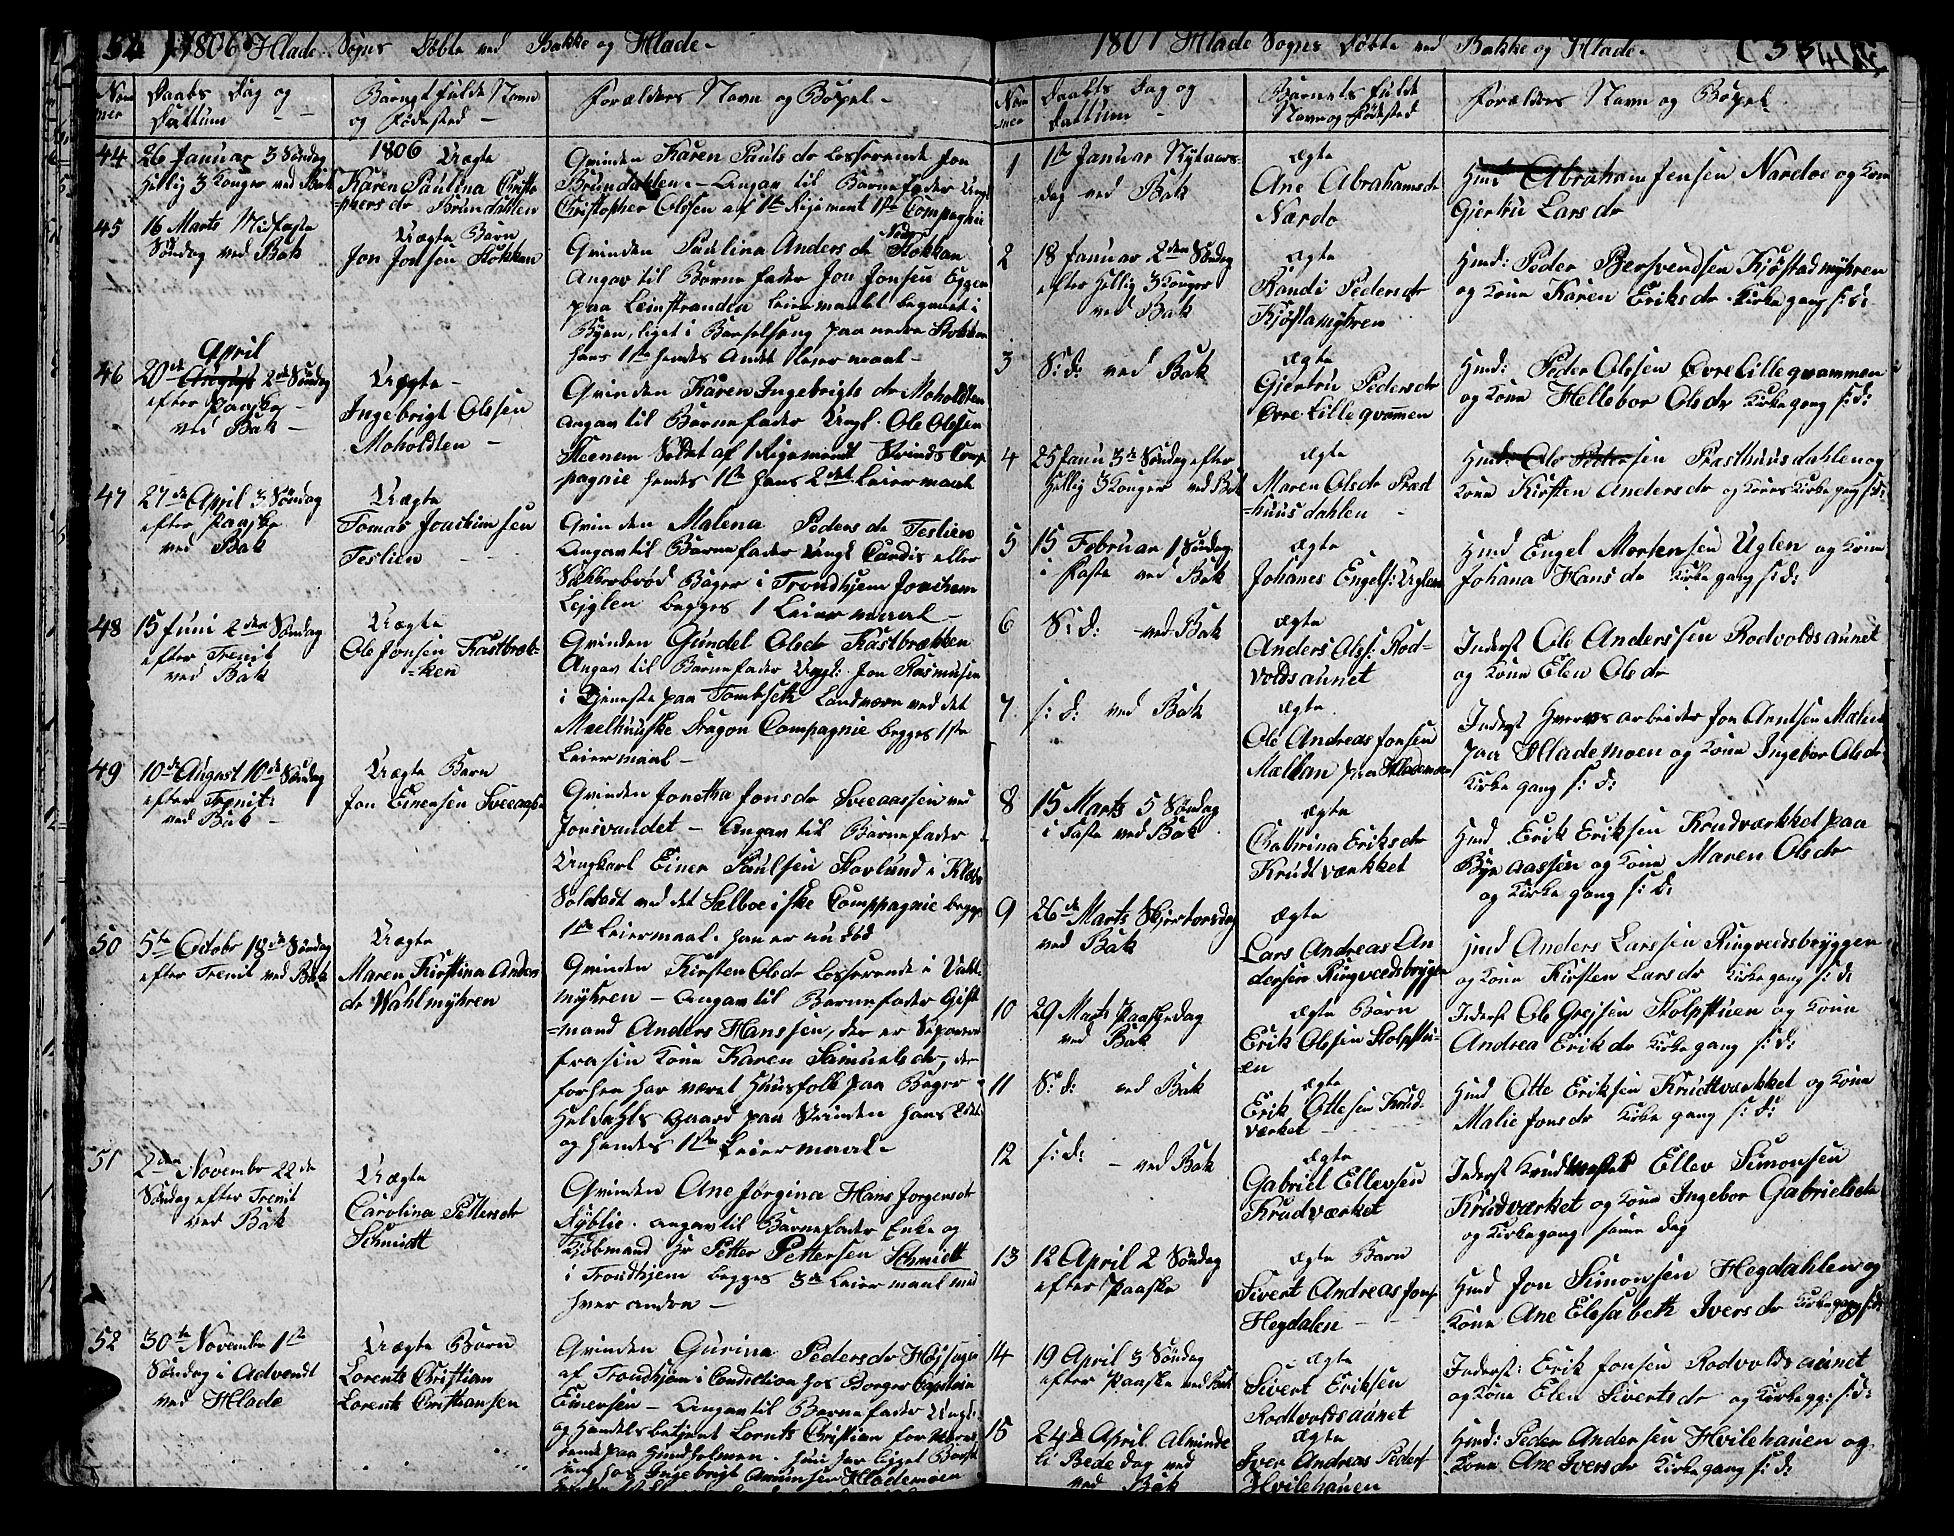 SAT, Ministerialprotokoller, klokkerbøker og fødselsregistre - Sør-Trøndelag, 606/L0306: Klokkerbok nr. 606C02, 1797-1829, s. 52-53